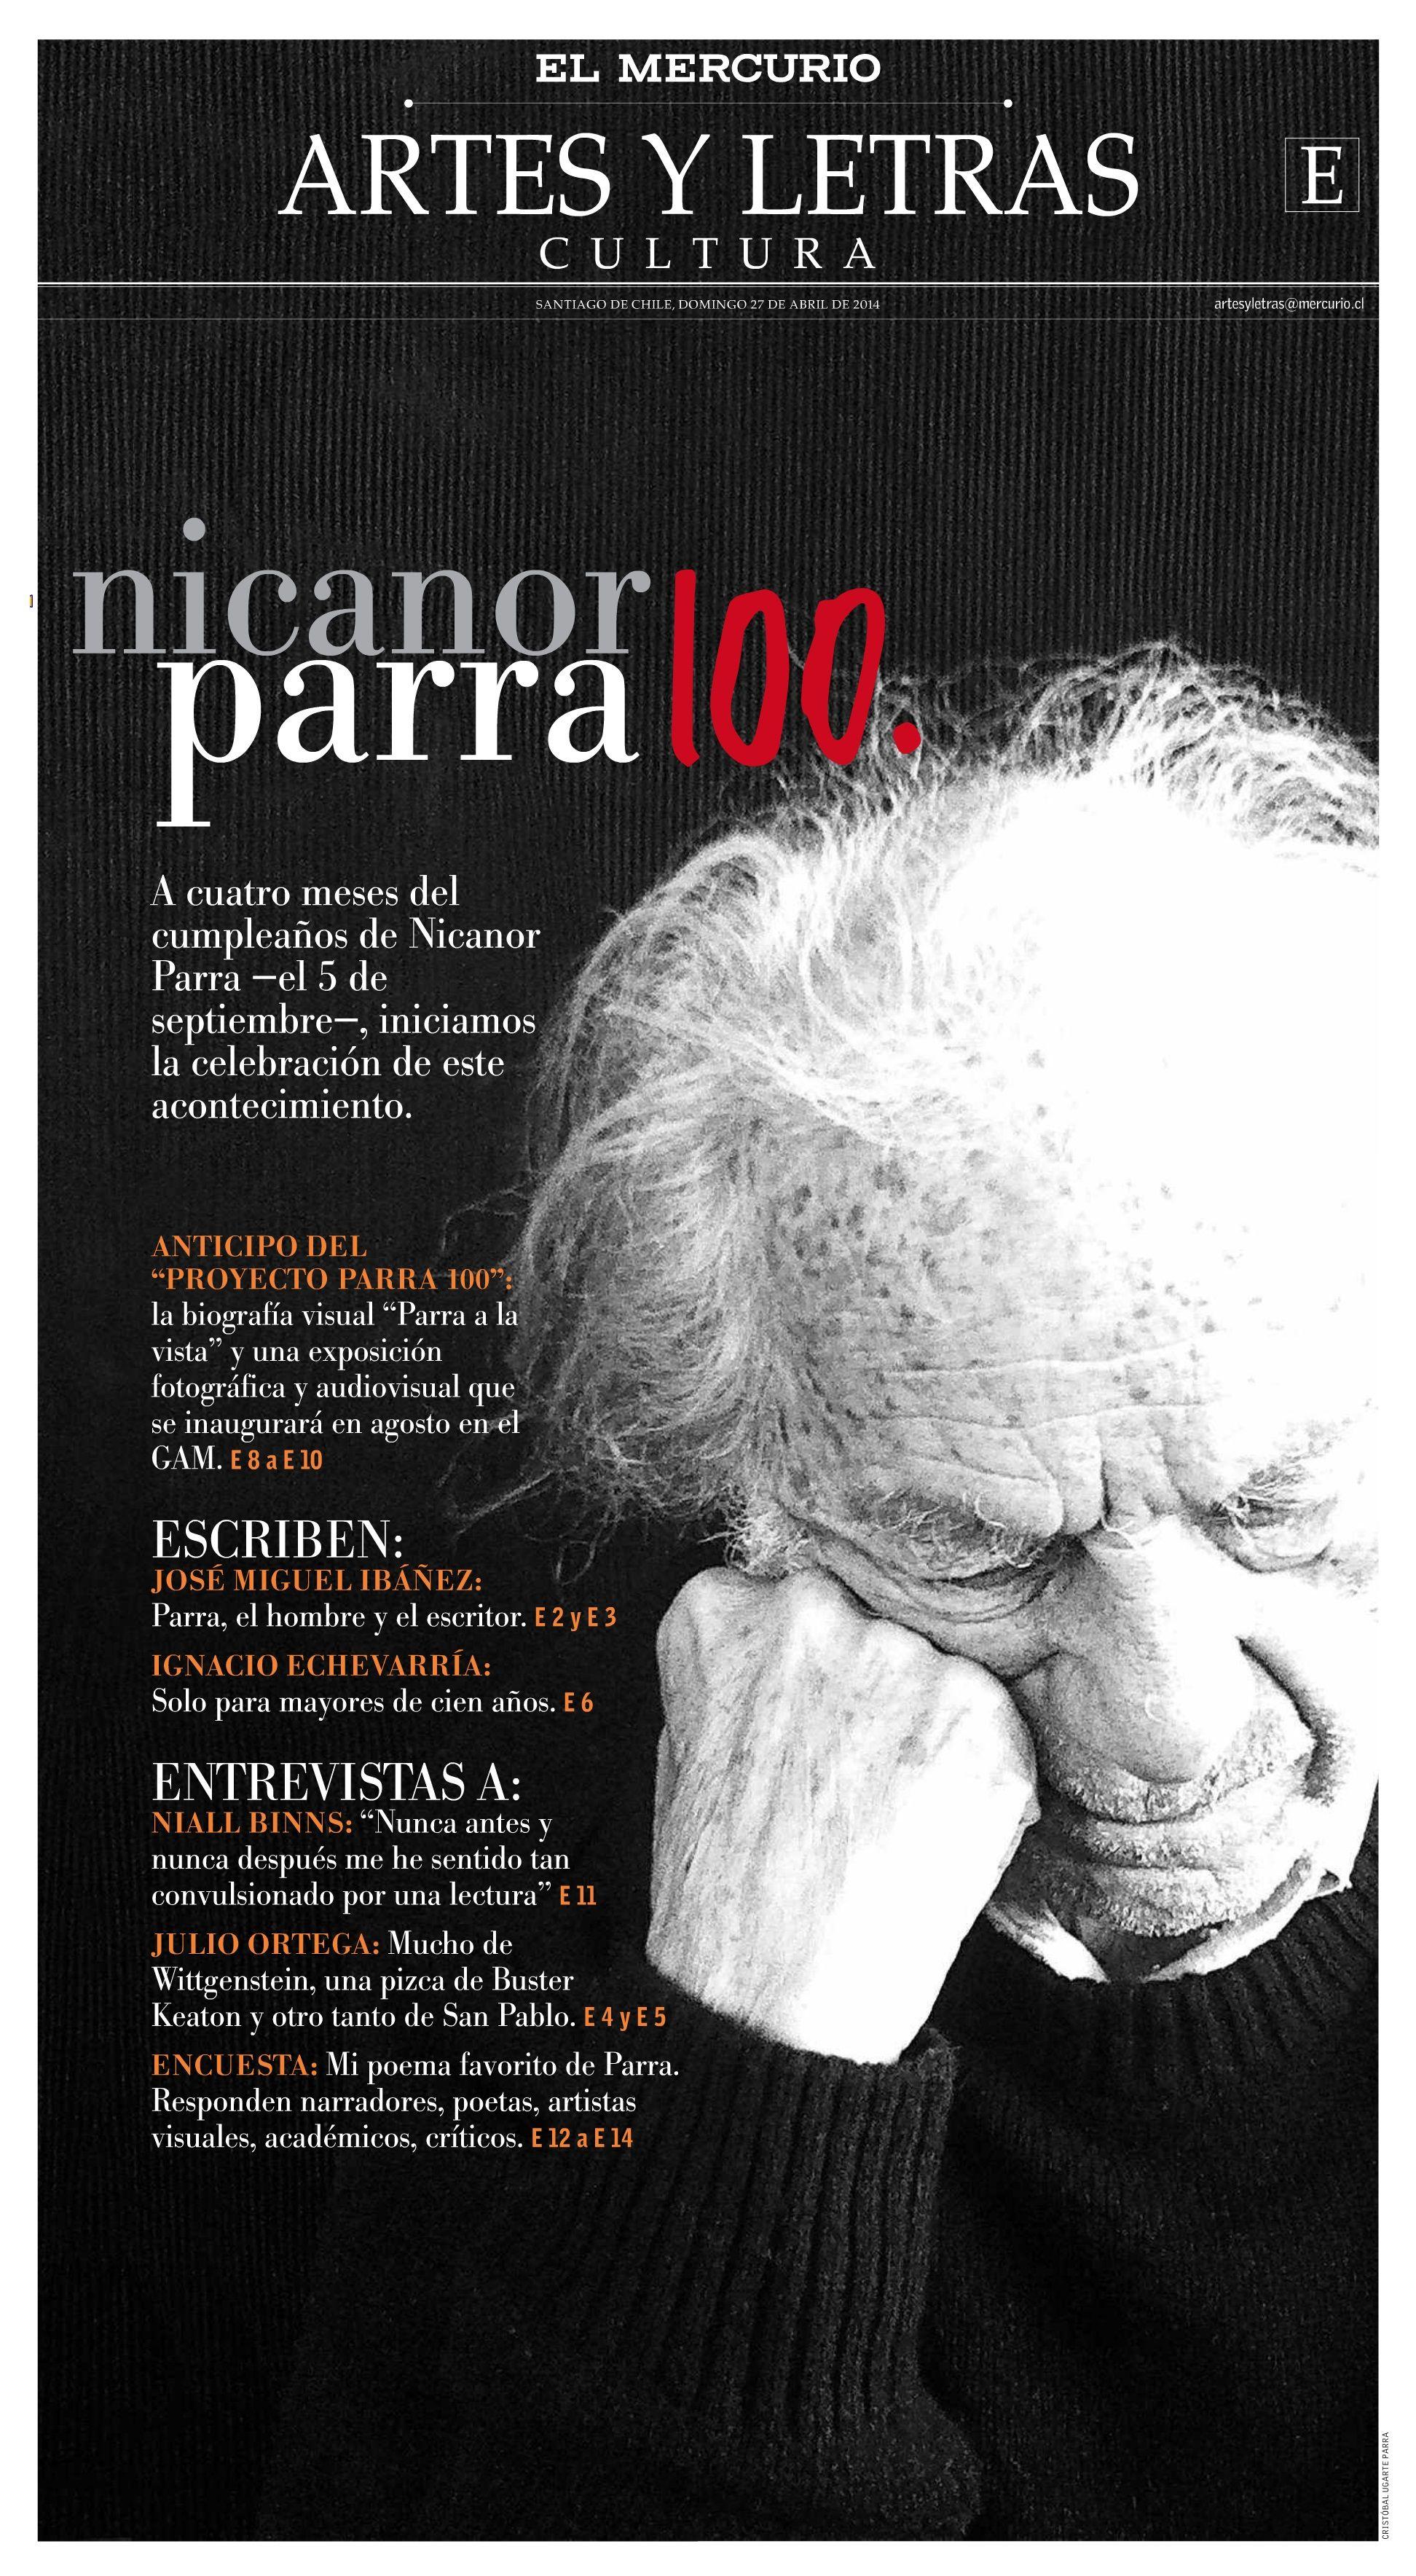 Nicanor Parra 100 | El Mercurio (27.04.14) | Poetas a granel ...